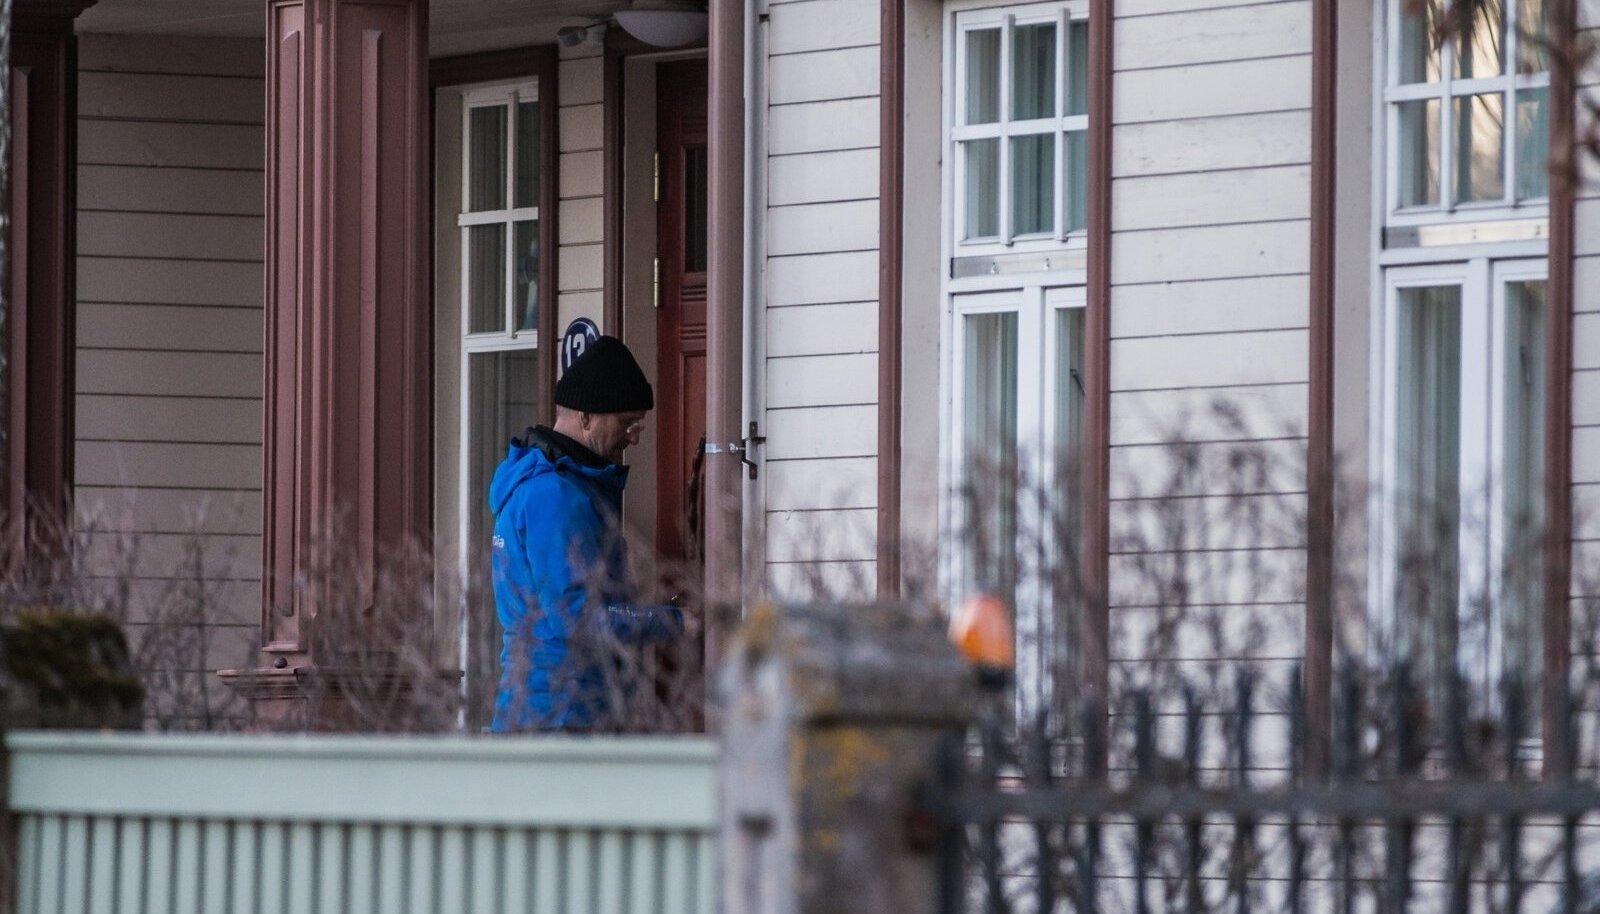 Mati Alaver vabandas, et pole praegu valmis Eesti Päevalehele intervjuud andma.